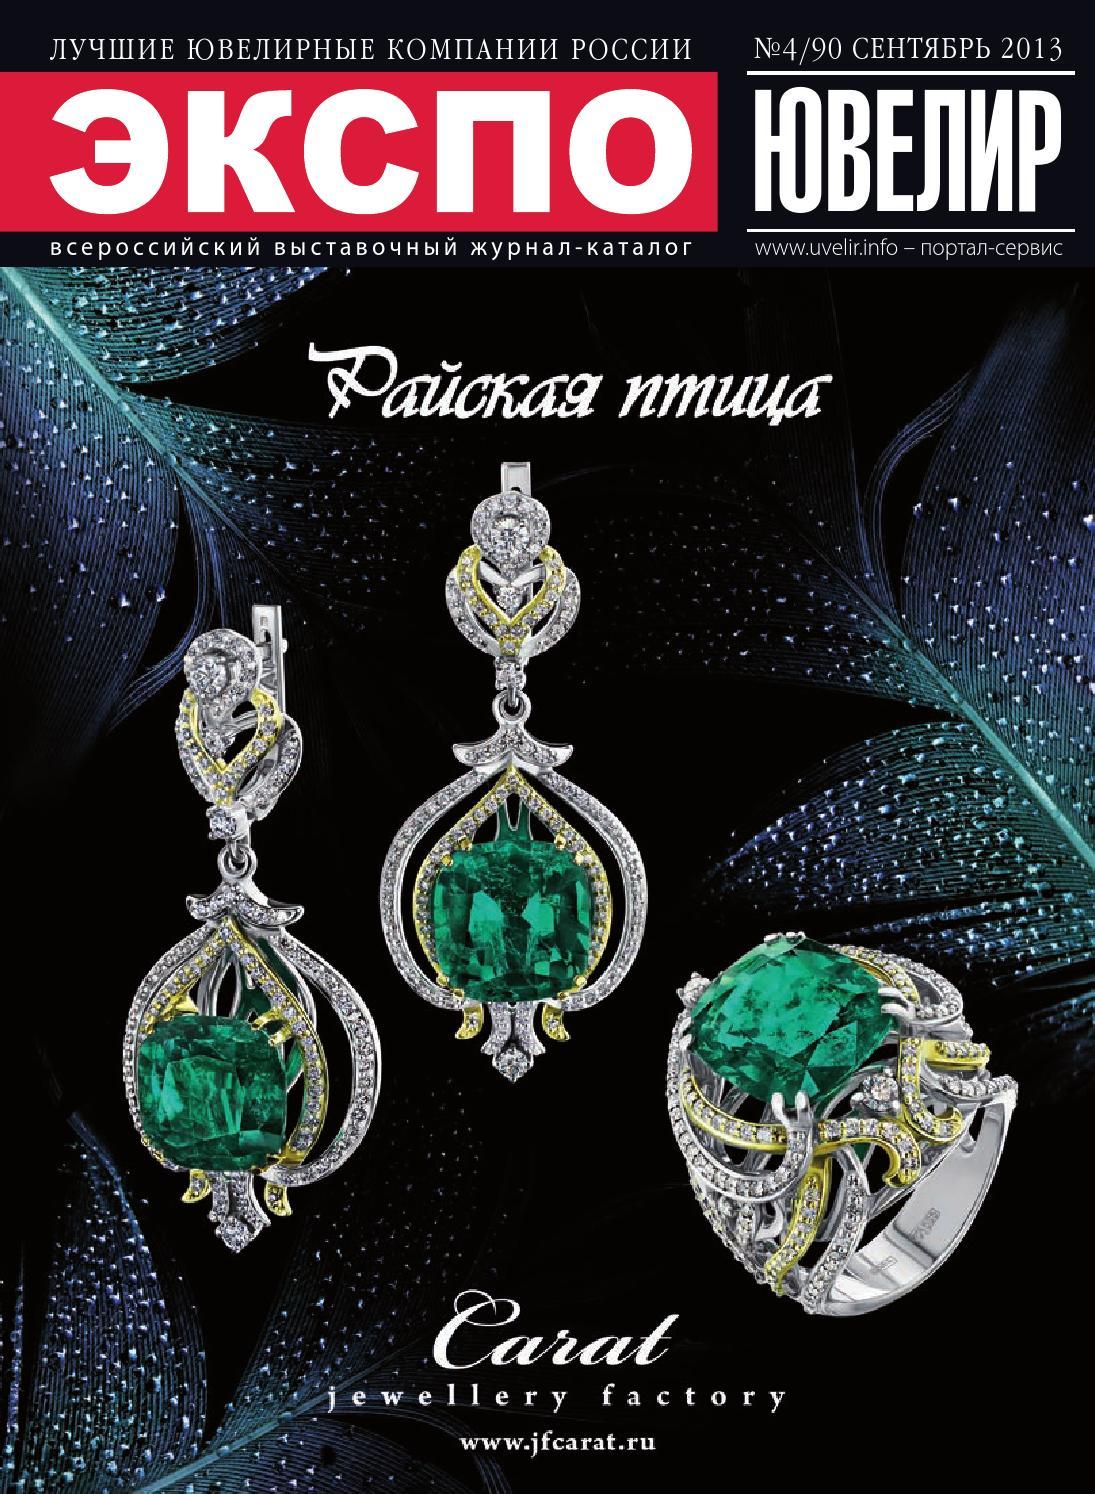 Российские ювелирные заводы каталог